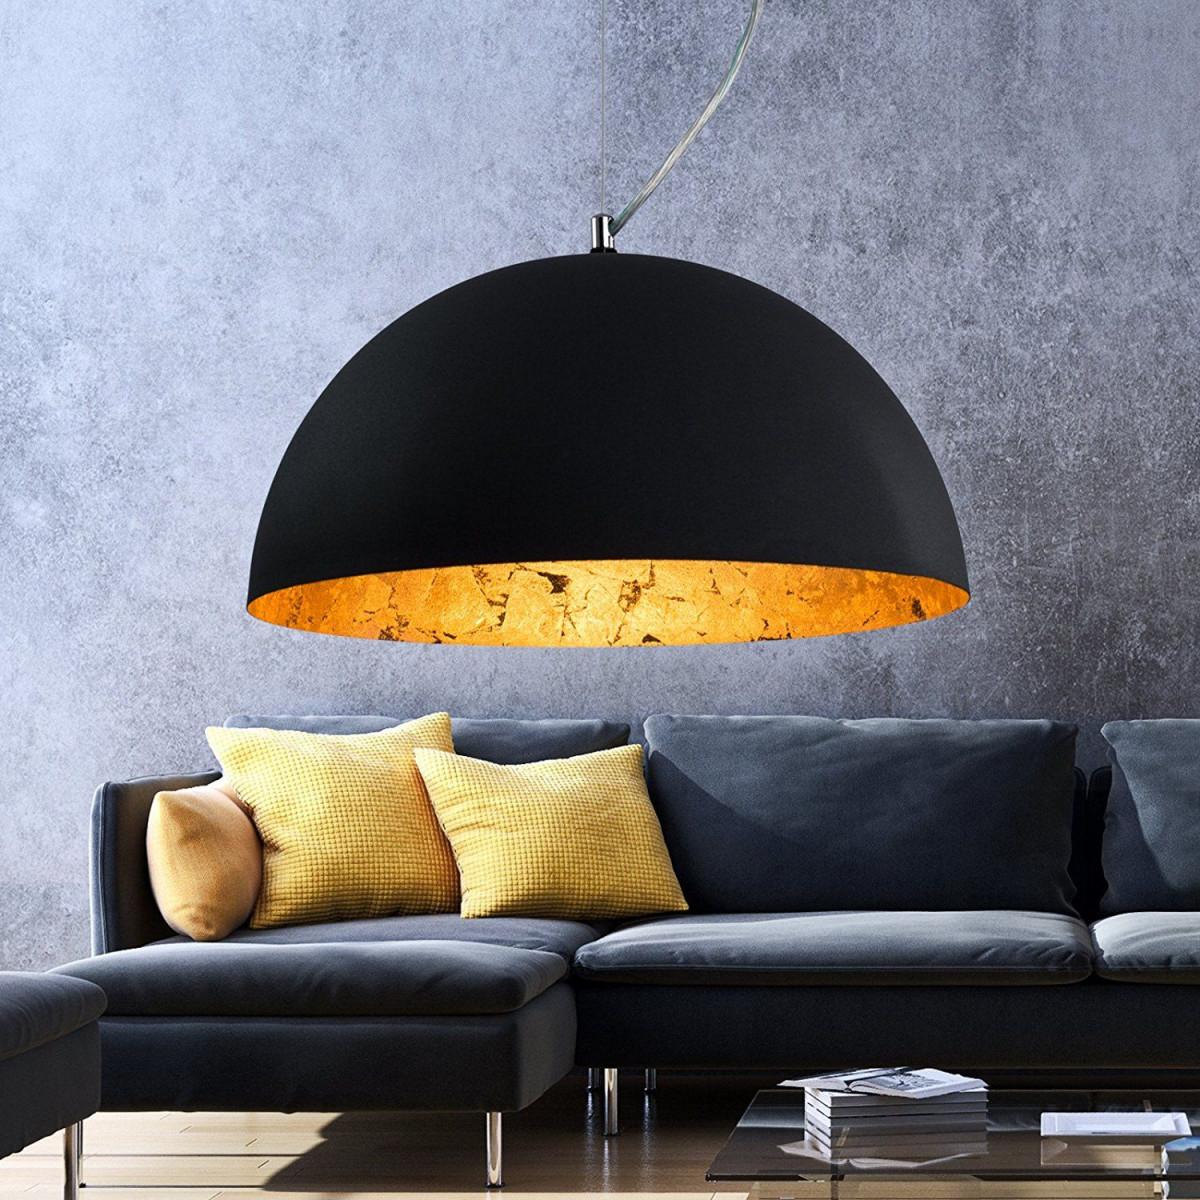 Luxus Hängelampe  Hängeleuchte Studio  Retro  Vintage von Wohnzimmer Lampe Schwarz Gold Bild